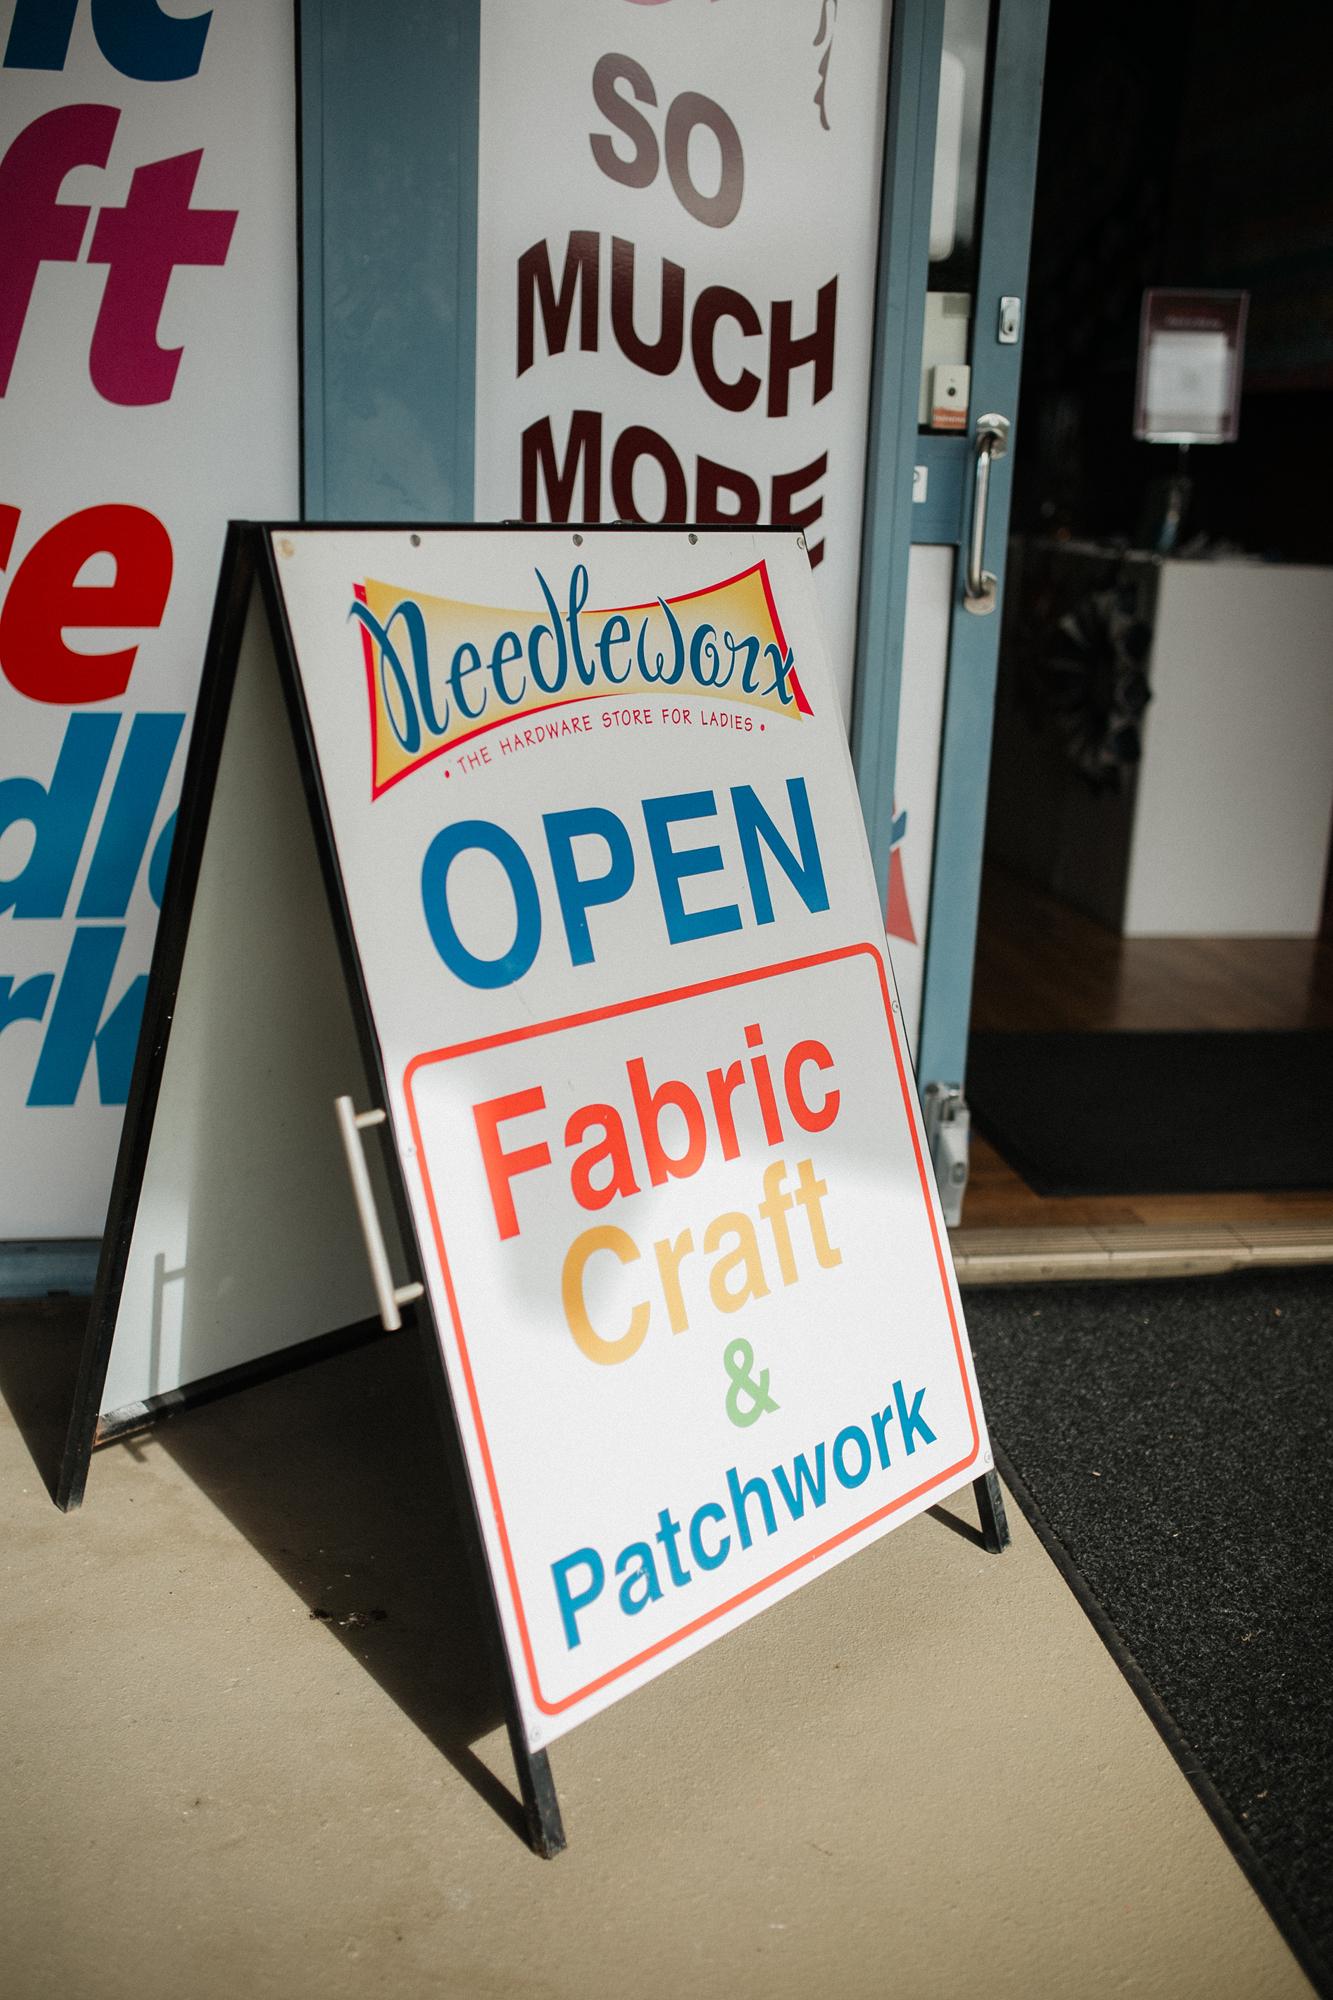 Entry signage at Needleworx Mount Pleasant